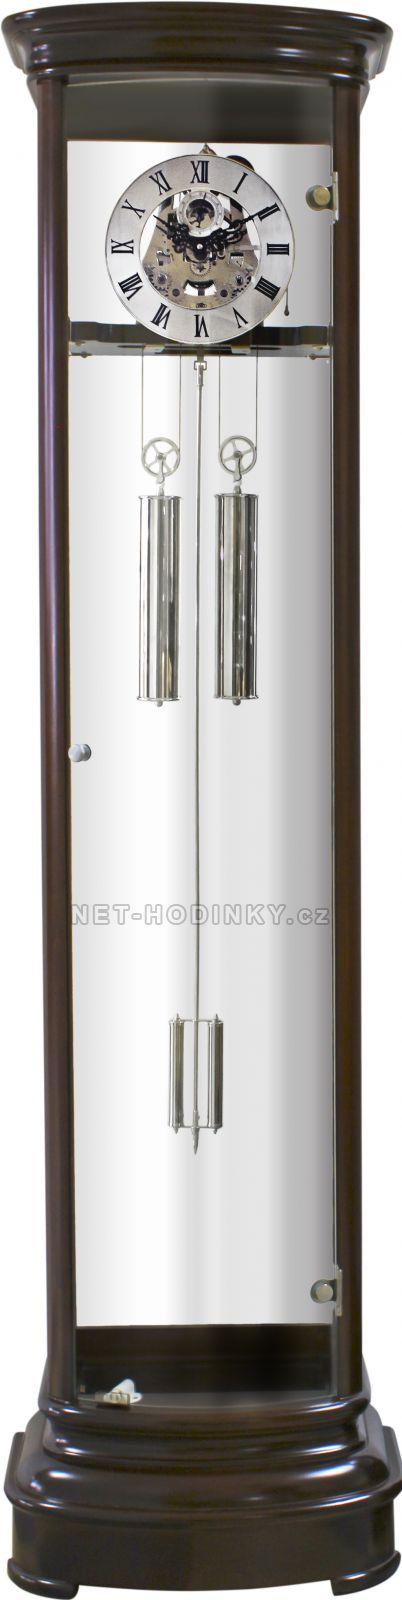 MPM Quality Mechanické podlahové hodiny PRIM E08P.3182.01010 54 - tmavé dřevo